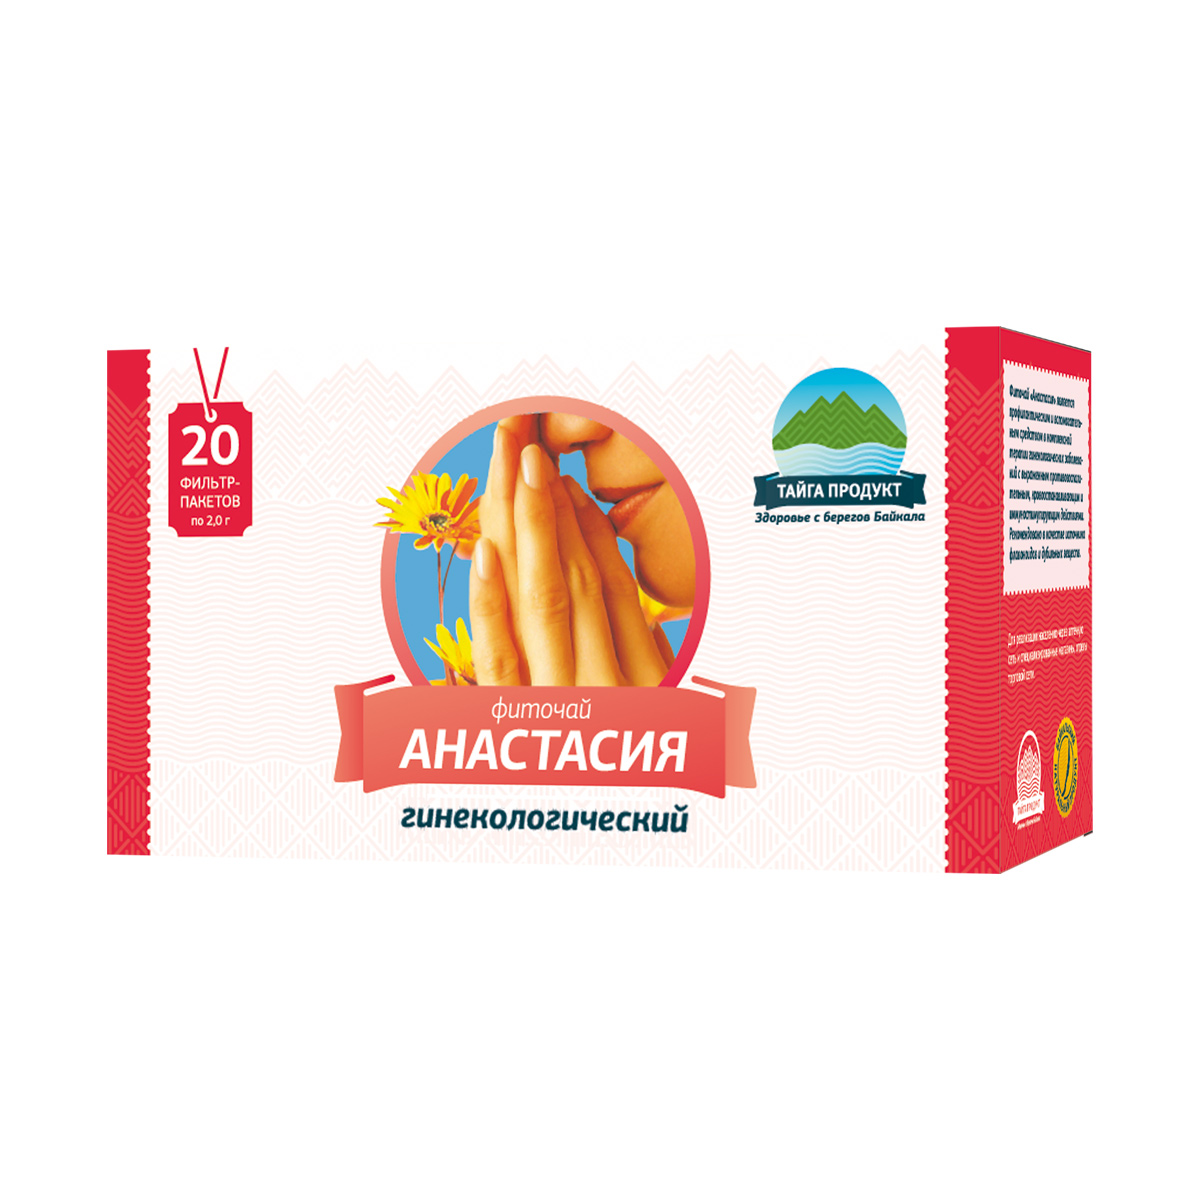 Анастасия - фиточай 20 фильтр-пакетов по 1,5г (женский)